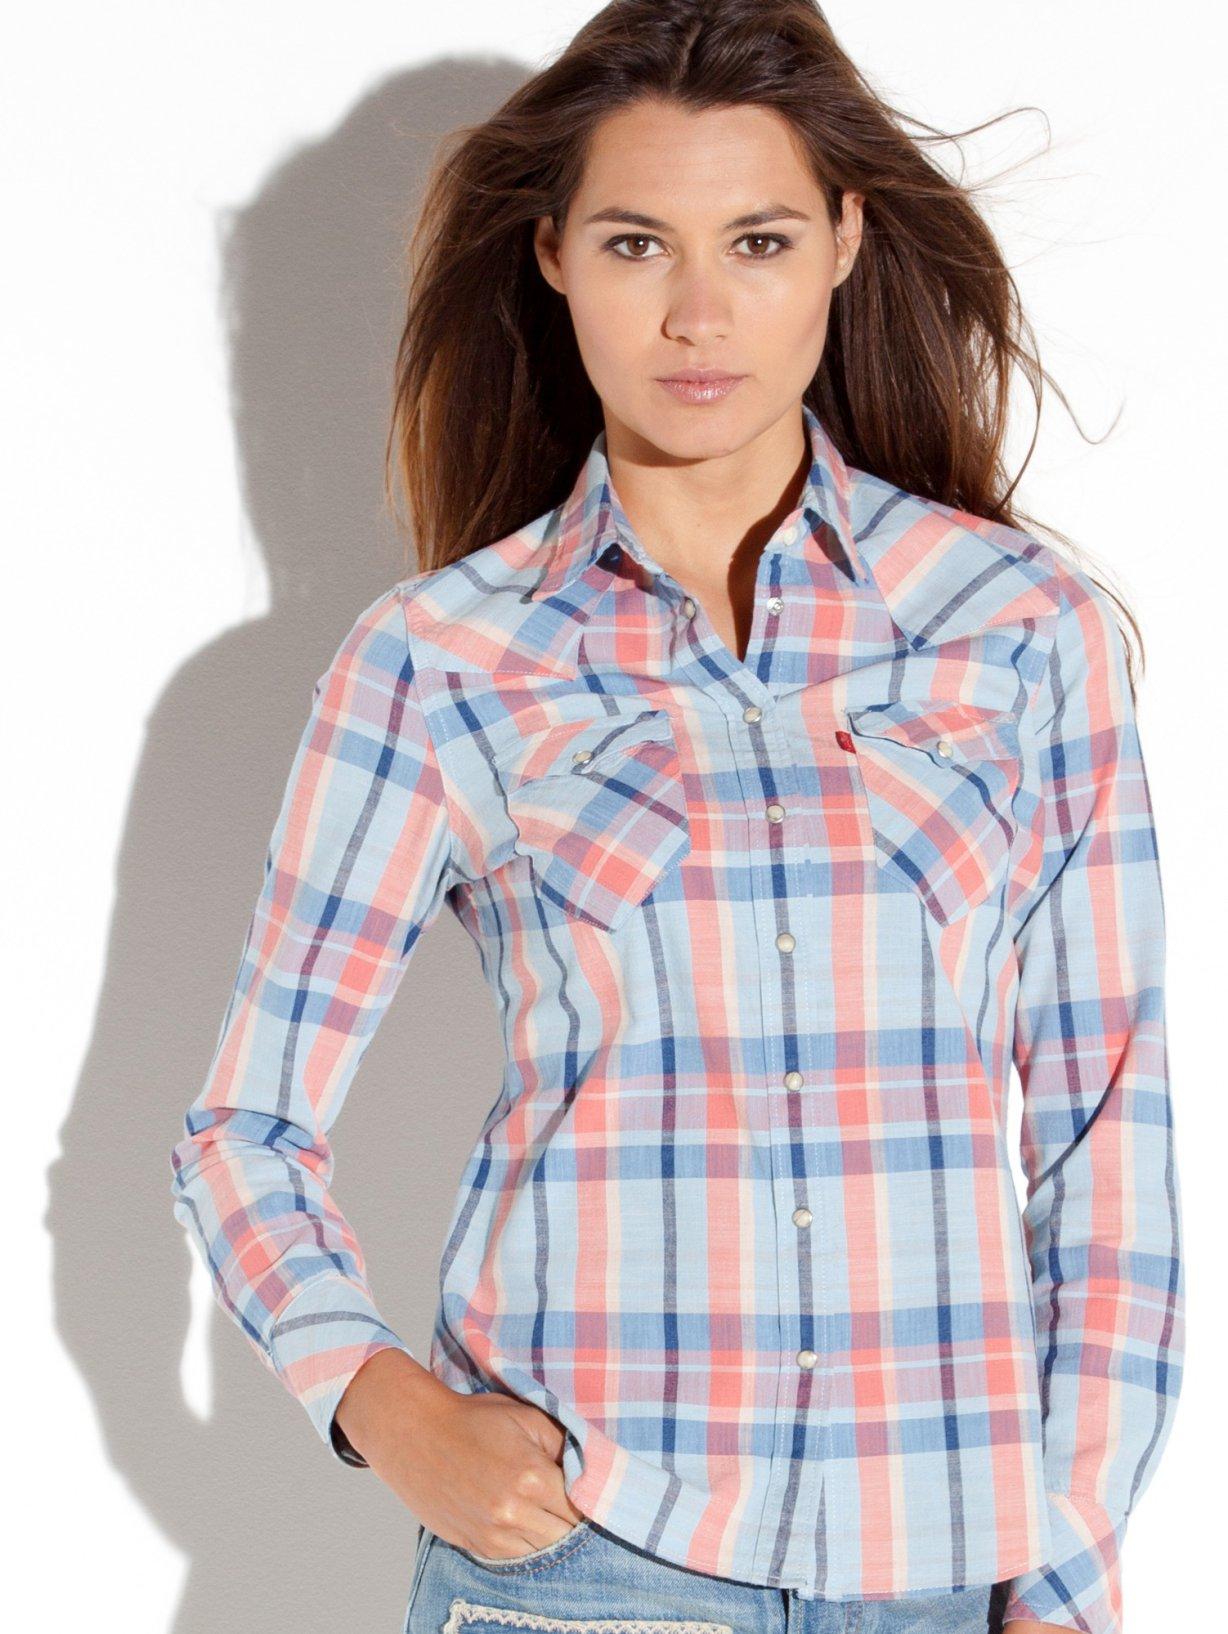 Mon armoire d borde de chemise femme - J ai decide de ne plus porter de sous vetements ...